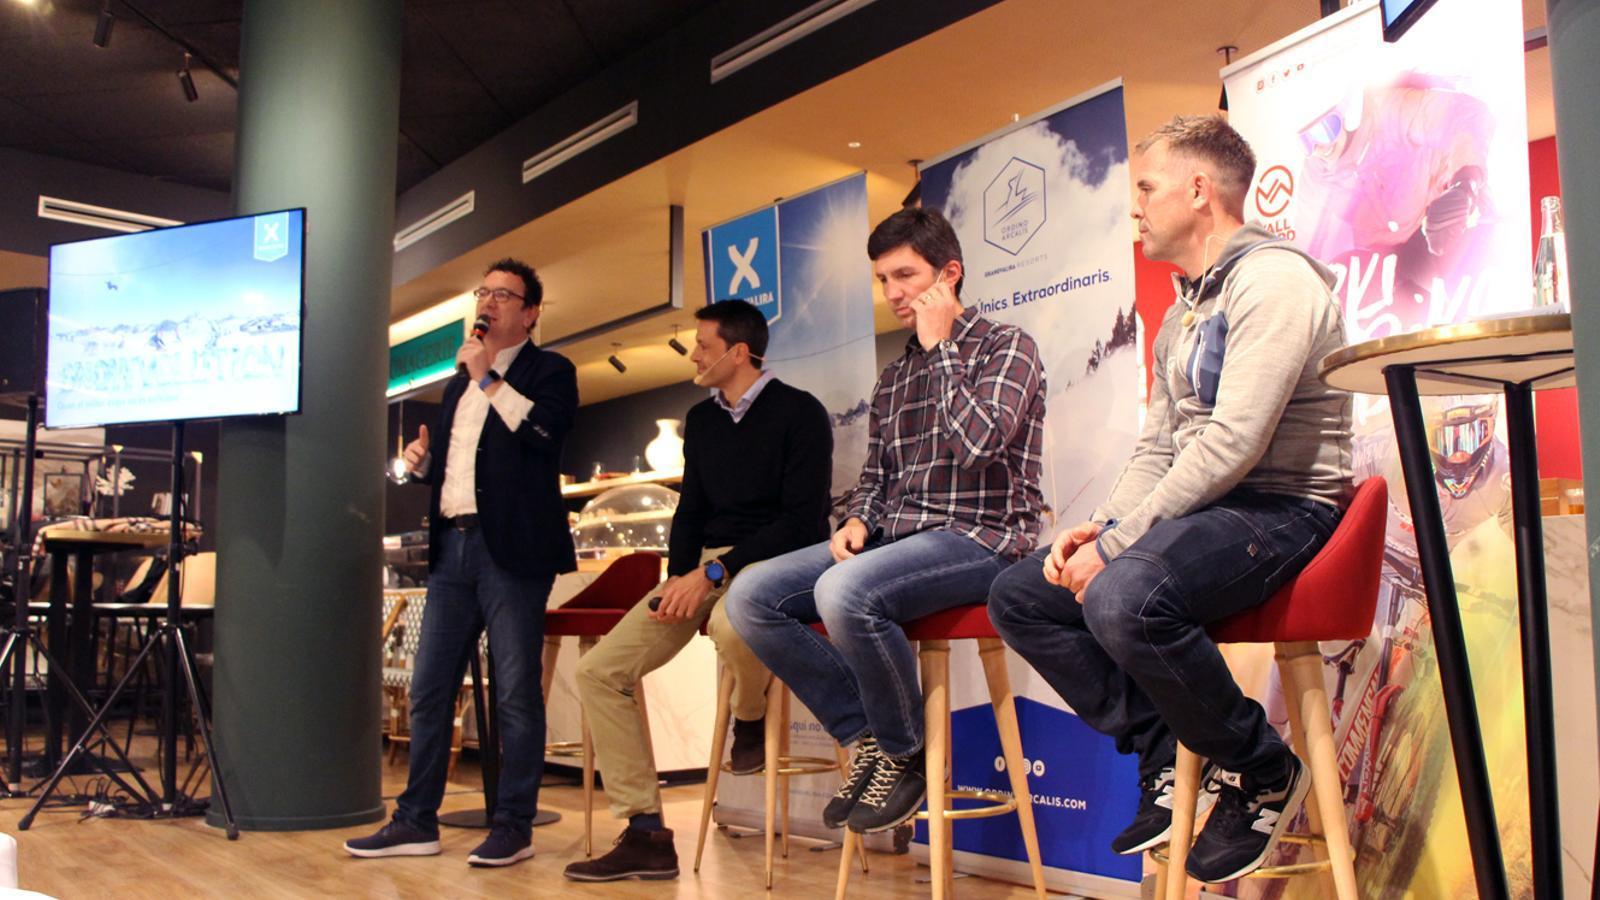 El gerent d'Andorra Turisme, Betim Budzaku, amb els directors de les estacions de Grandvalira, Alfonso Torreó, Ordino Arcalís, Xabier Ajona, i Vallnord Pal-Arinsal, Josep Marticella. / M. P. (ANA)